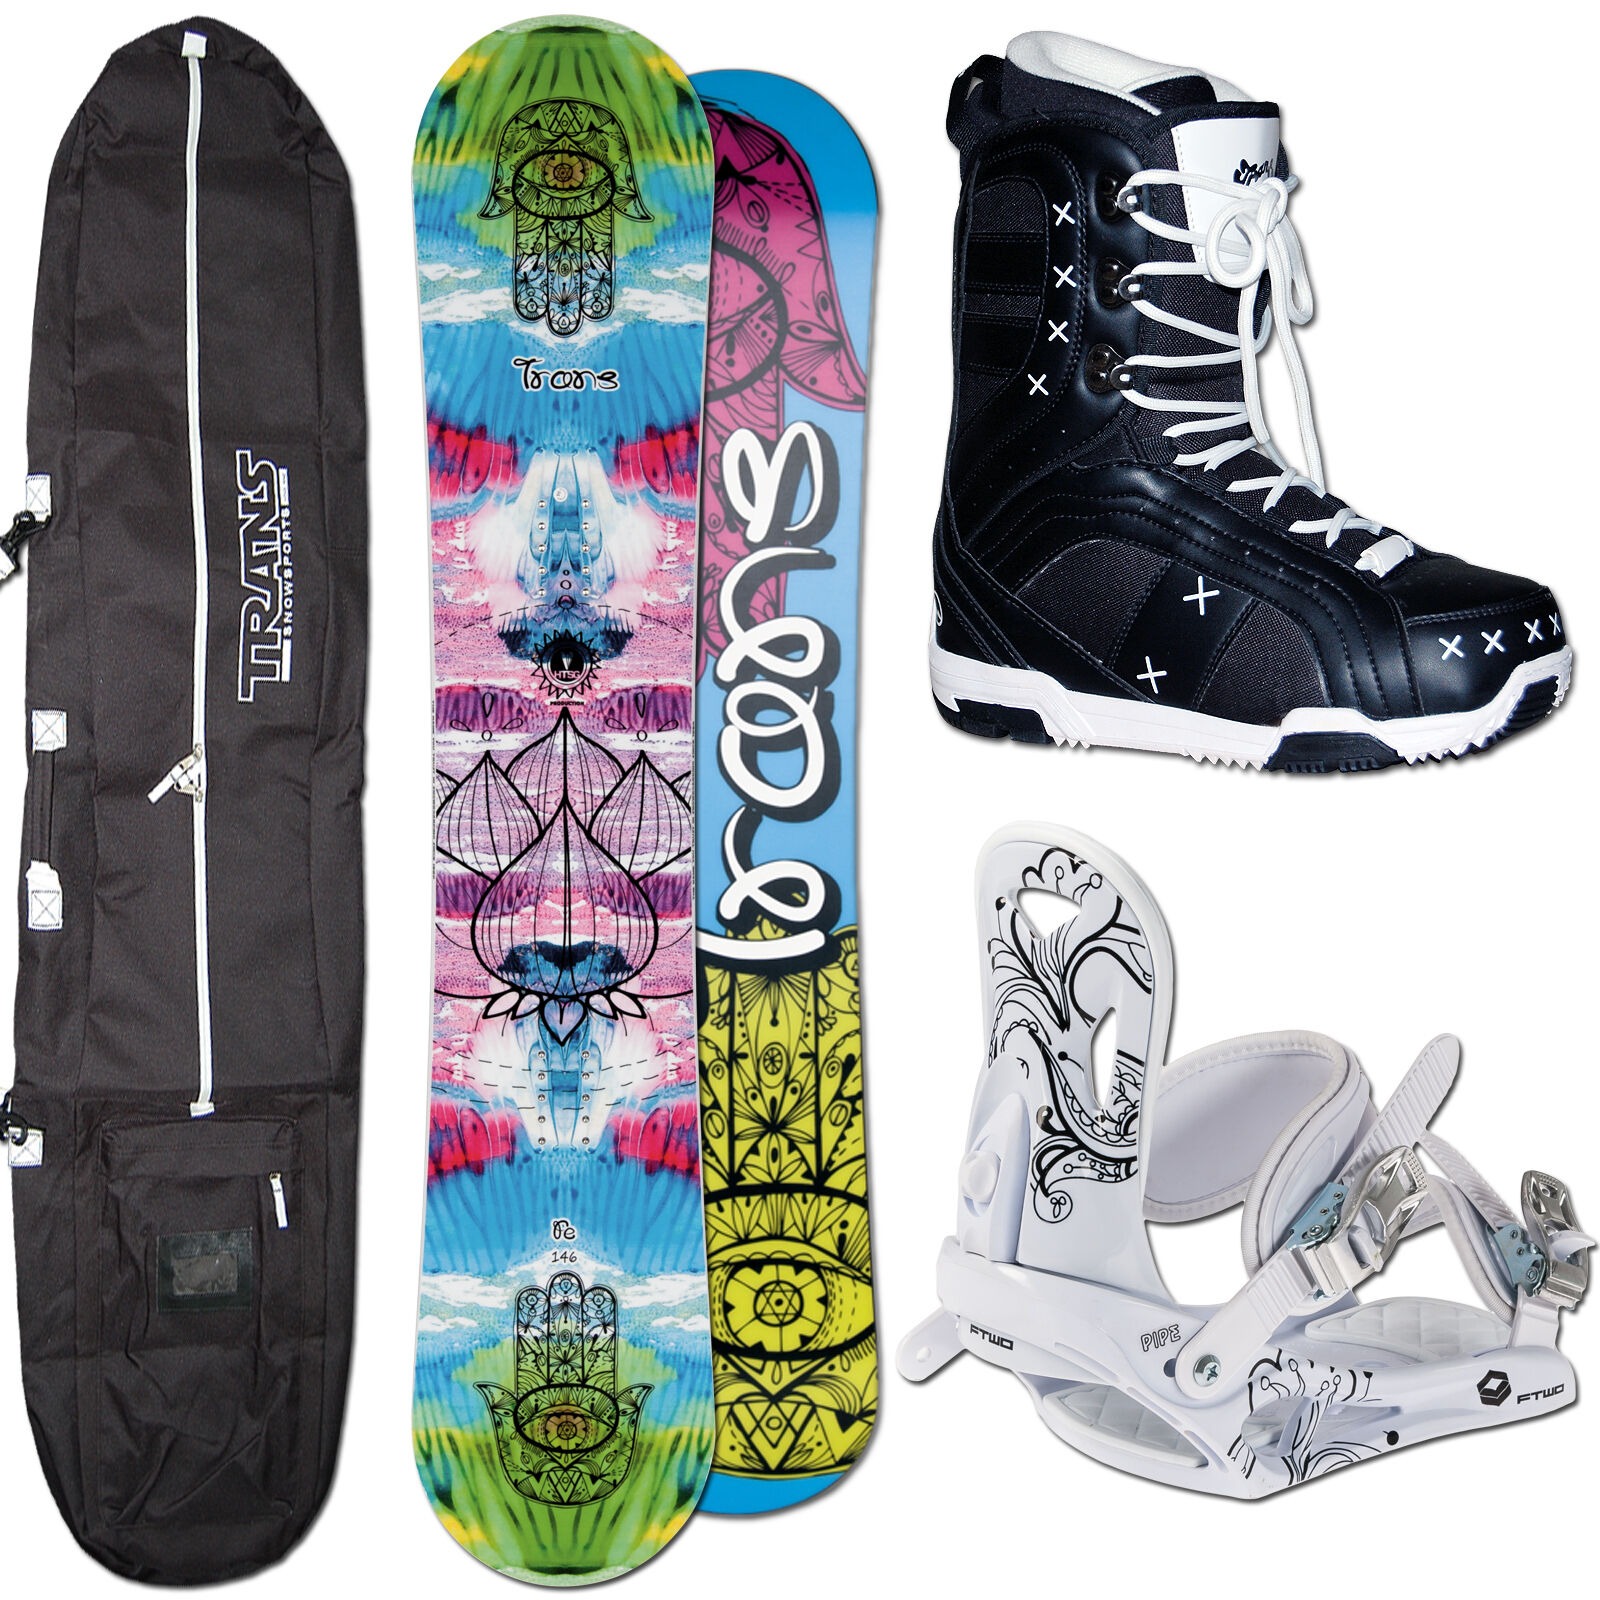 Snowboard Mujer Trans Fe 147 cm Fullrocker + Tubo Fijación M + Bolsa + botas